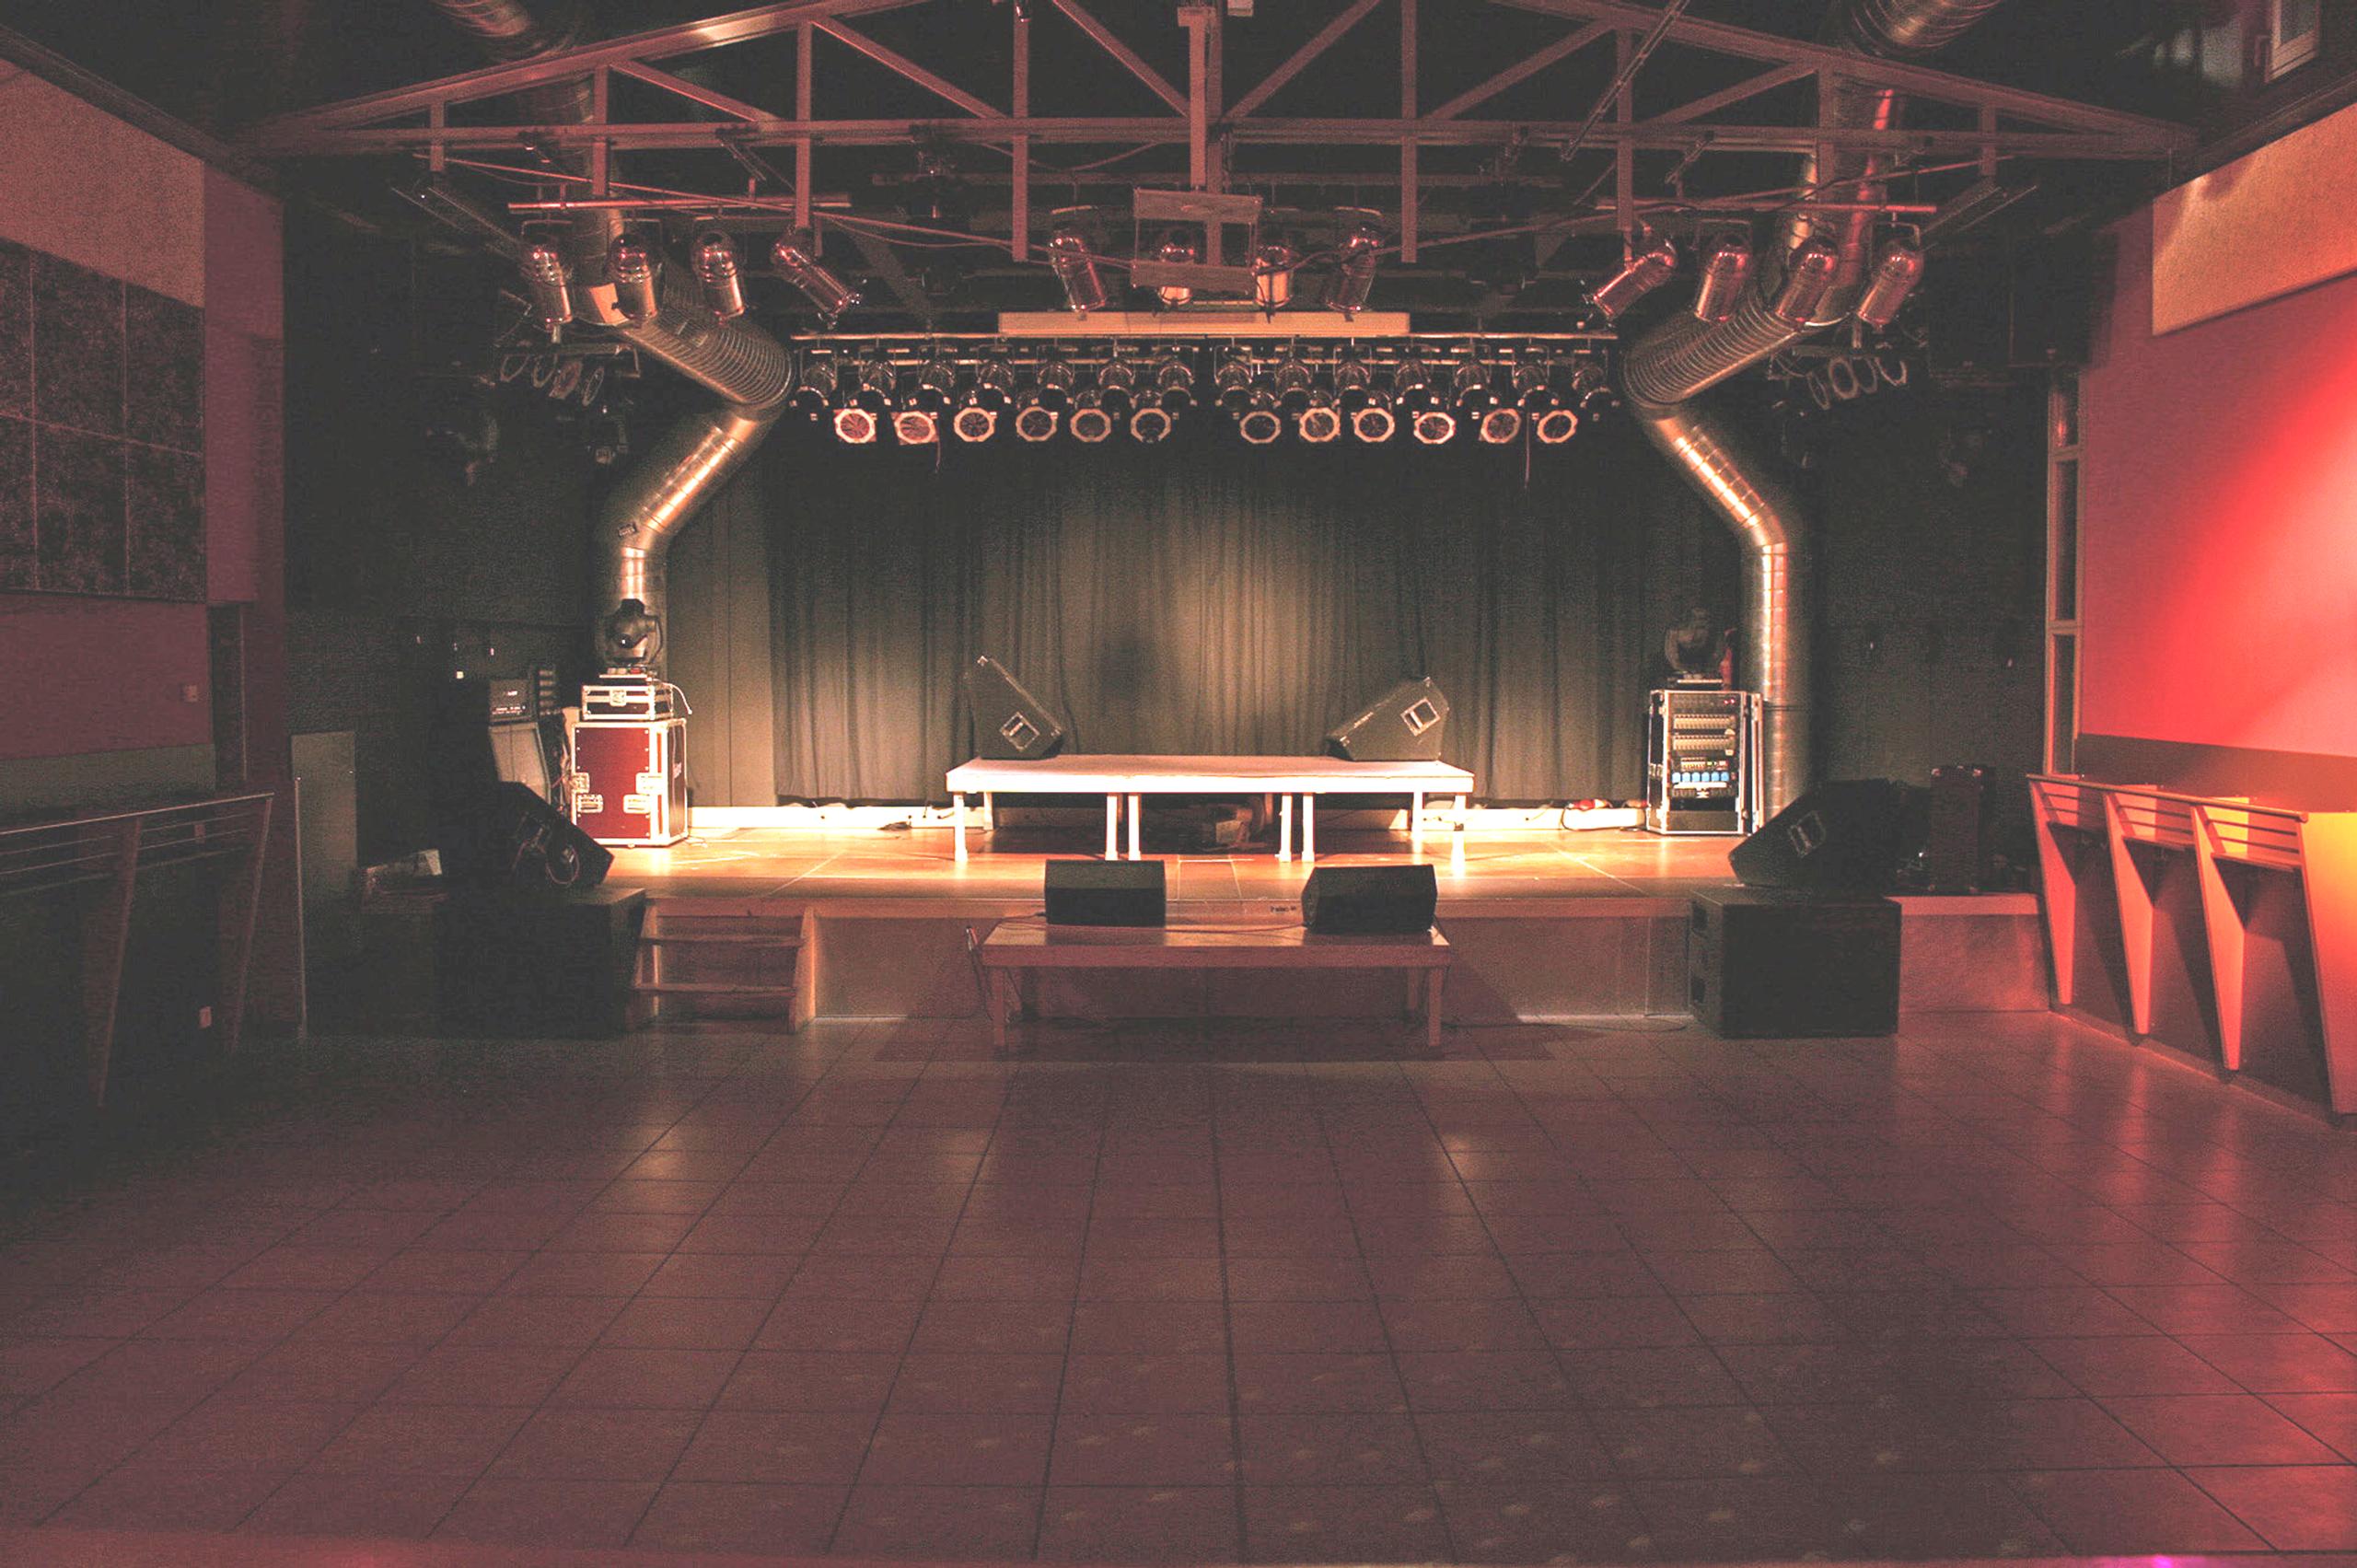 Foto von einem leeren Konzertsaal der LUISE mit einer beleuchteten Bühne. Über der Bühne hängen viele Scheinwerfer.